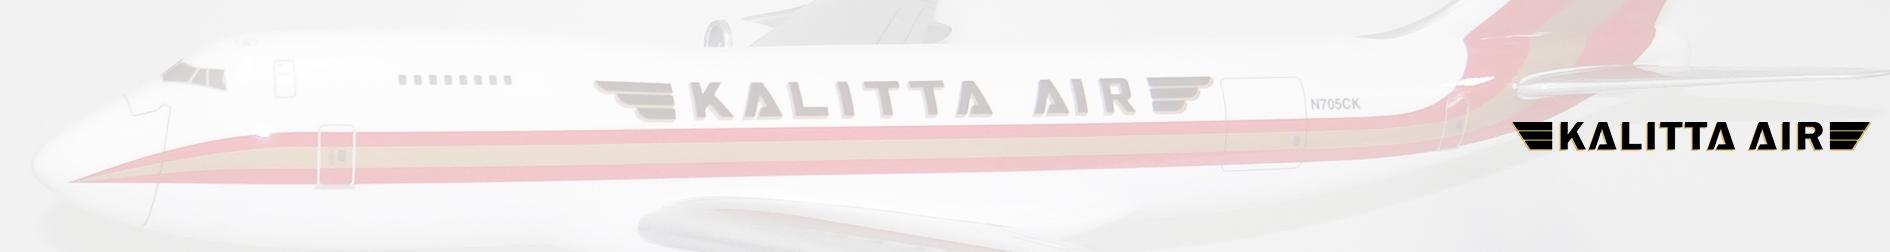 kalitta-air.jpg